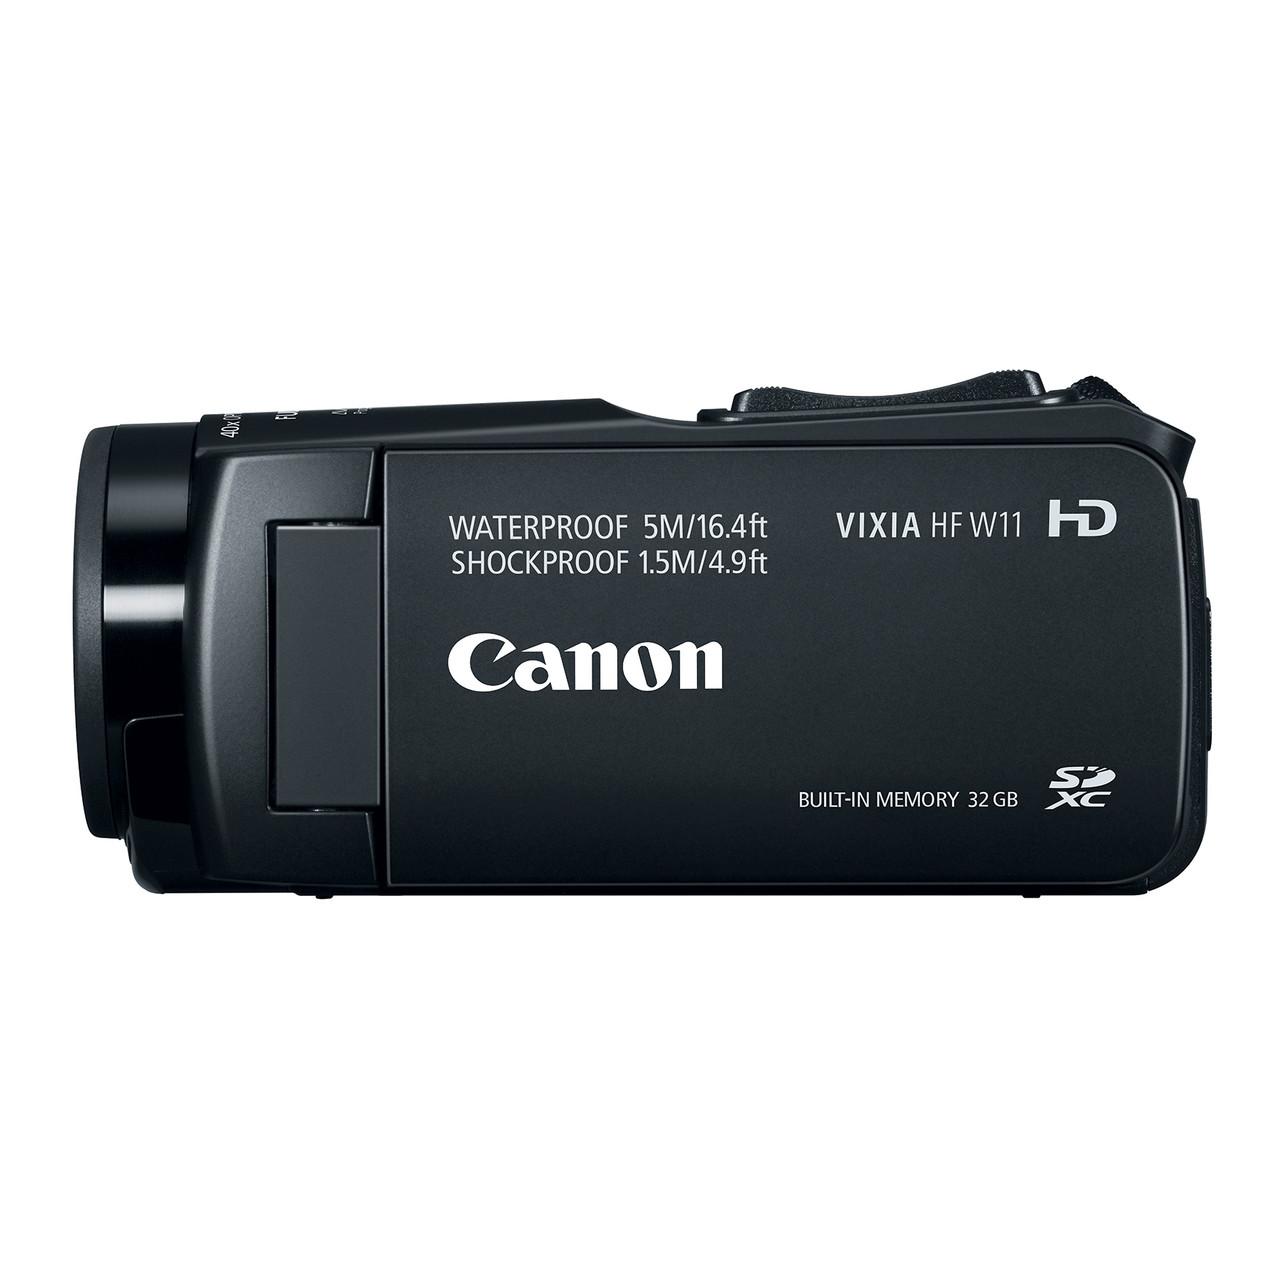 CANON VIXIA HF-W11 CAMCORDER